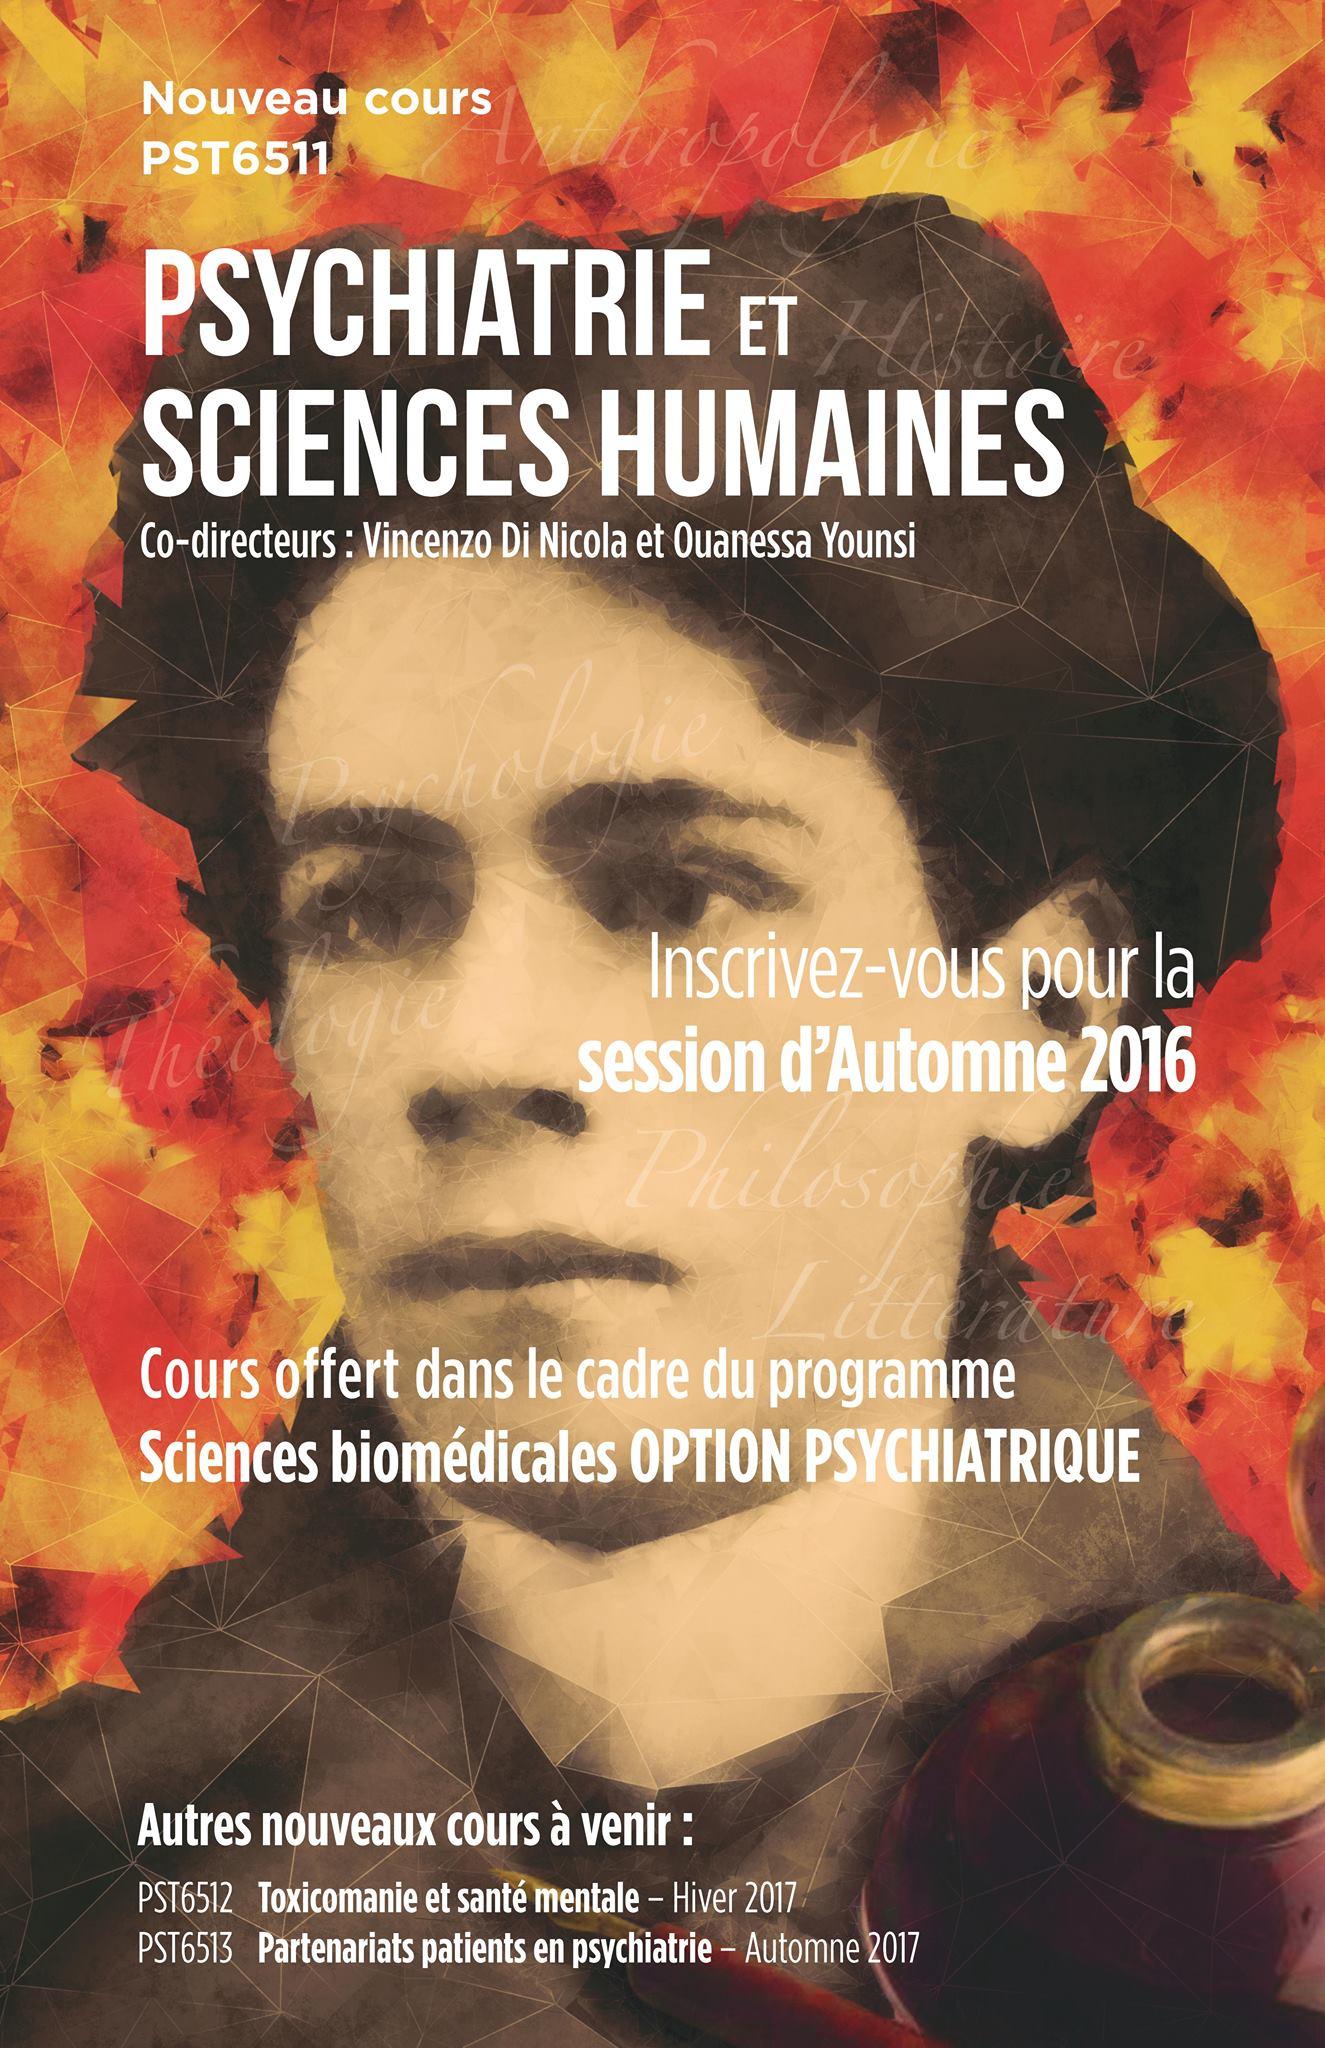 Affiche pour les cours siglé Psychiatrie et sciences humaines